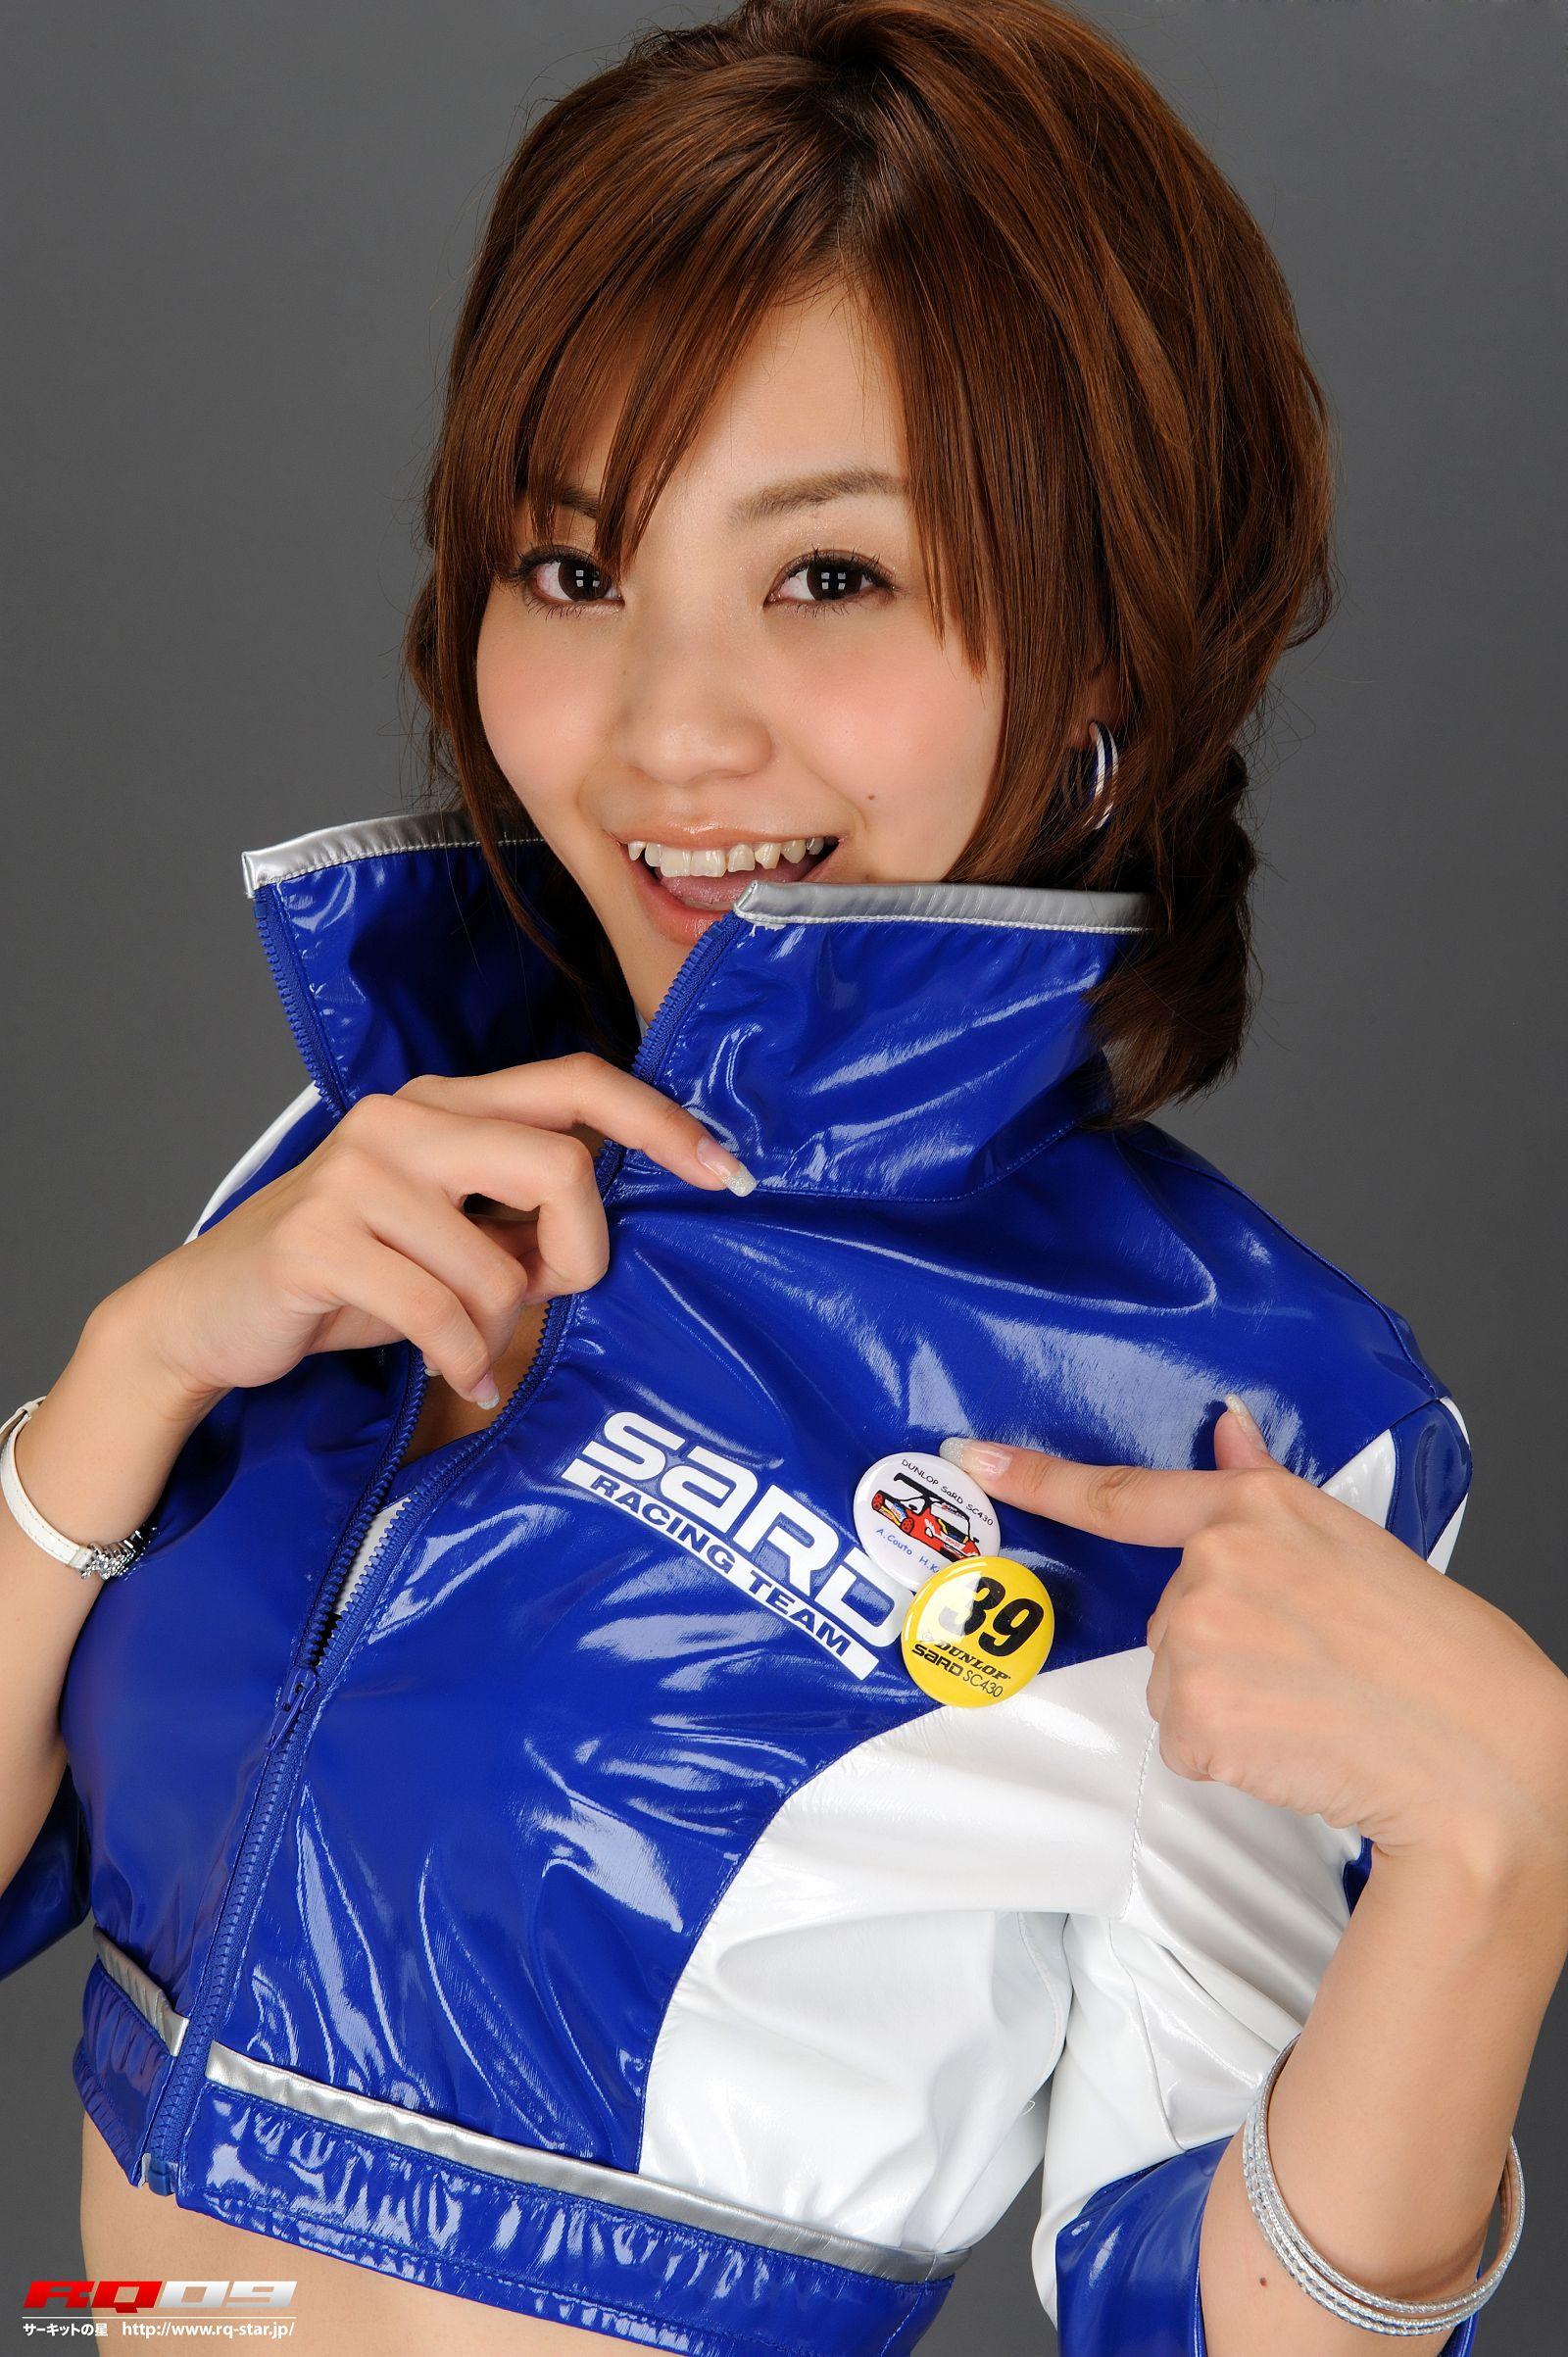 [RQ-STAR美女] NO.0231 Mina Momohara 桃原美奈 Race Queen2